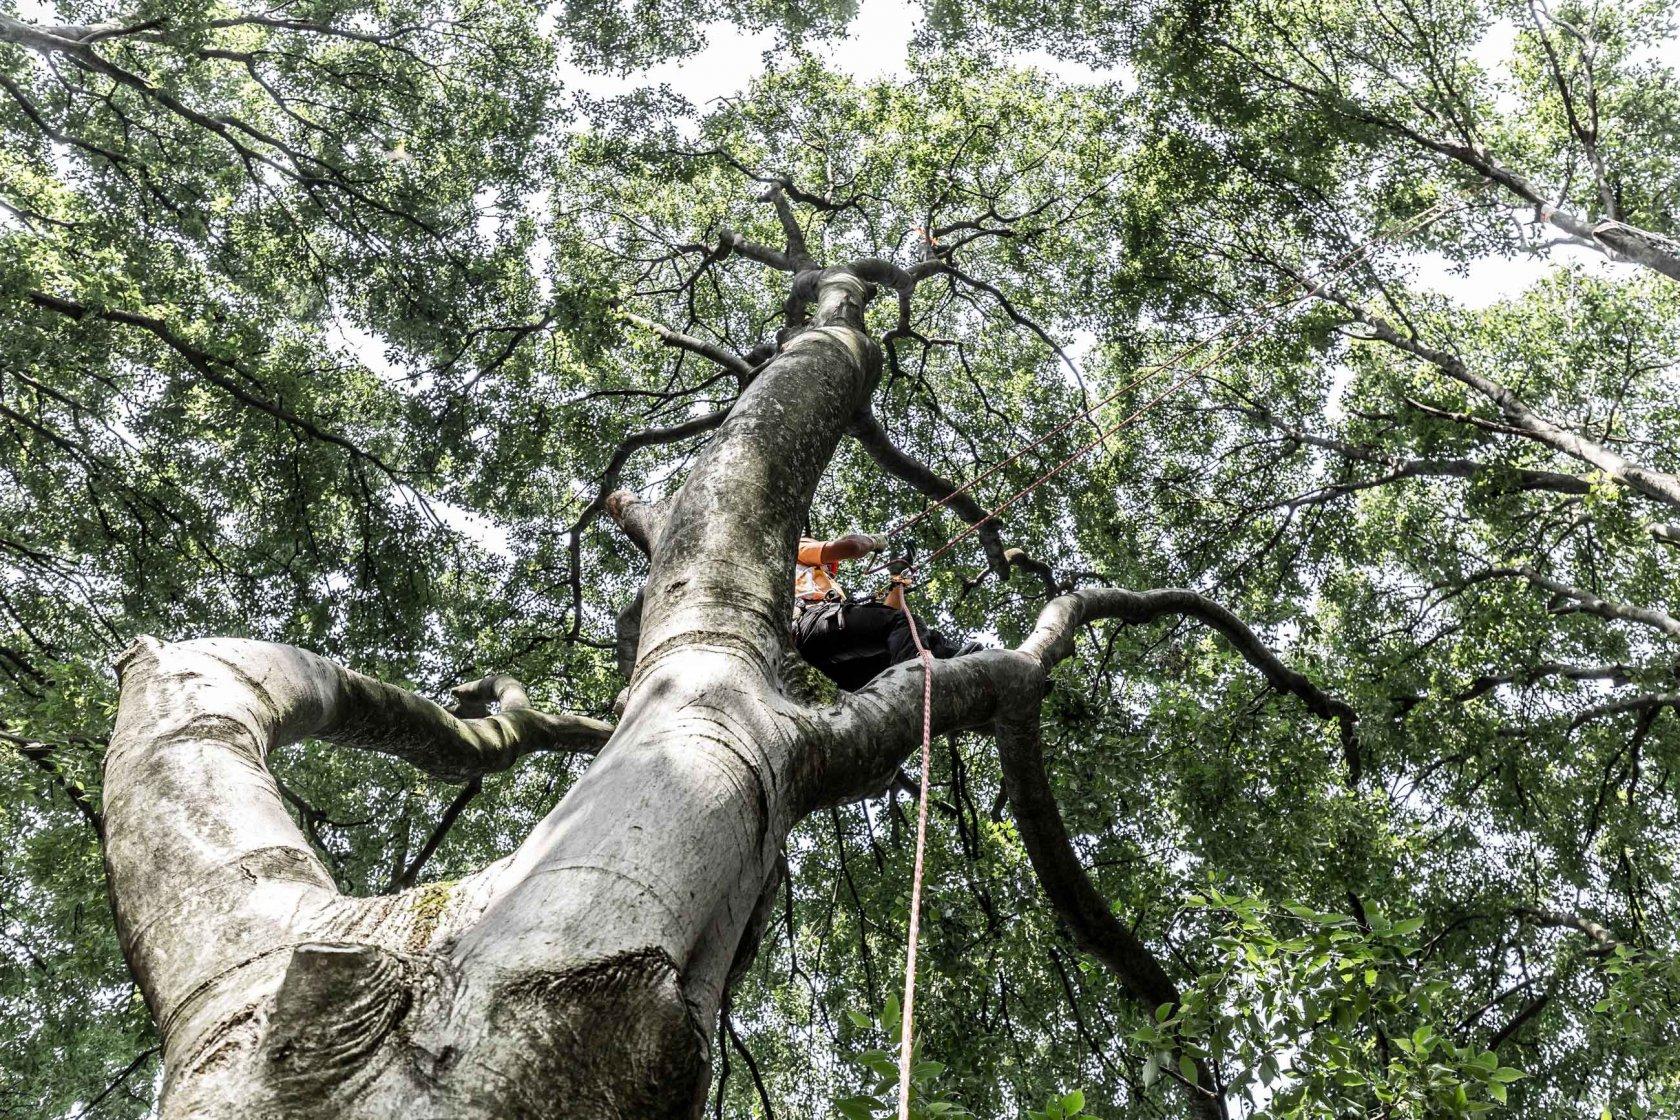 Kletterausrüstung Baumpflege : Benk gmbh